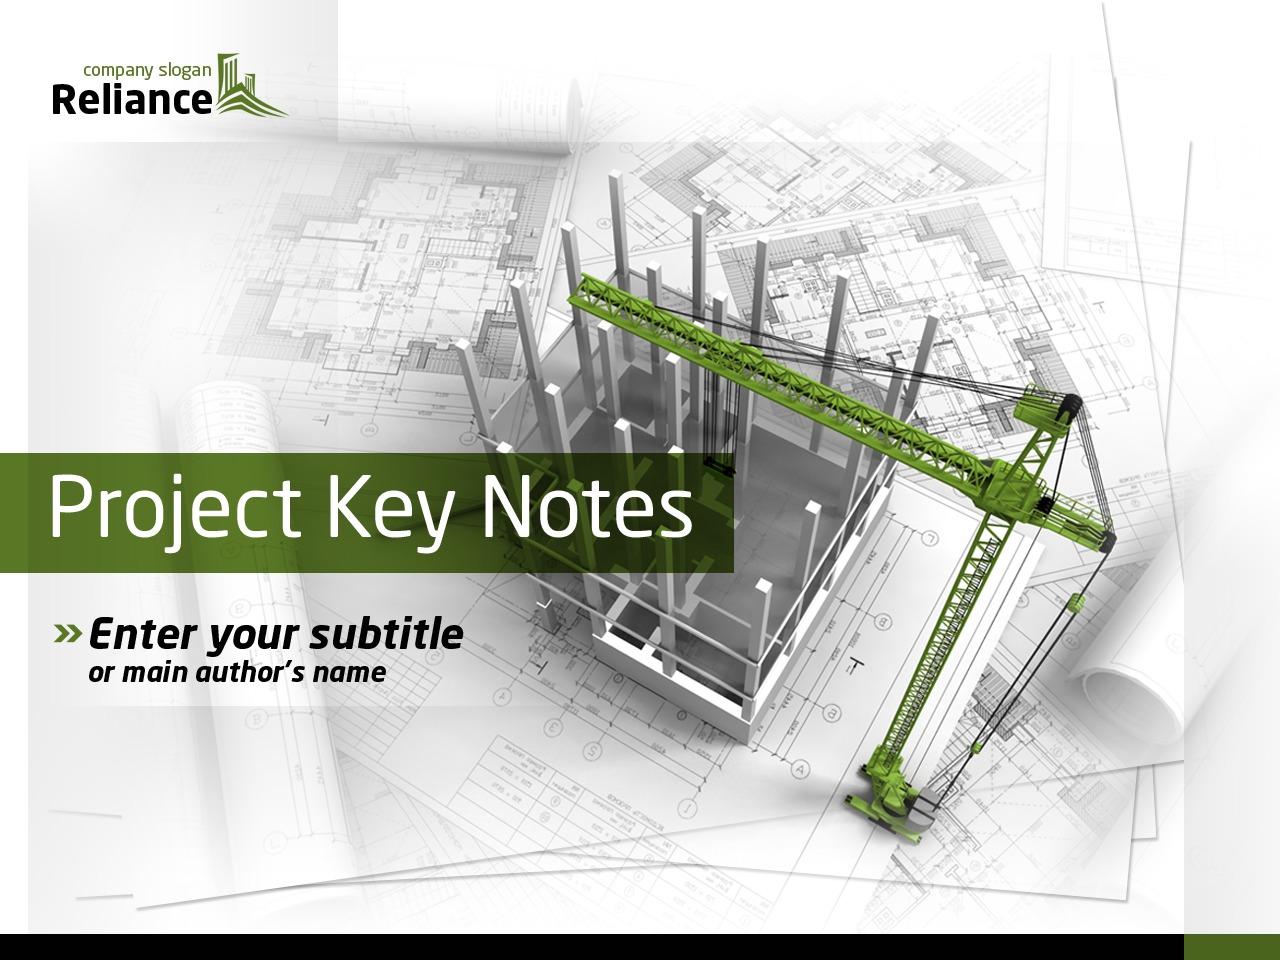 Plantilla PowerPoint #32591 para Sitio de Empresas de construcción